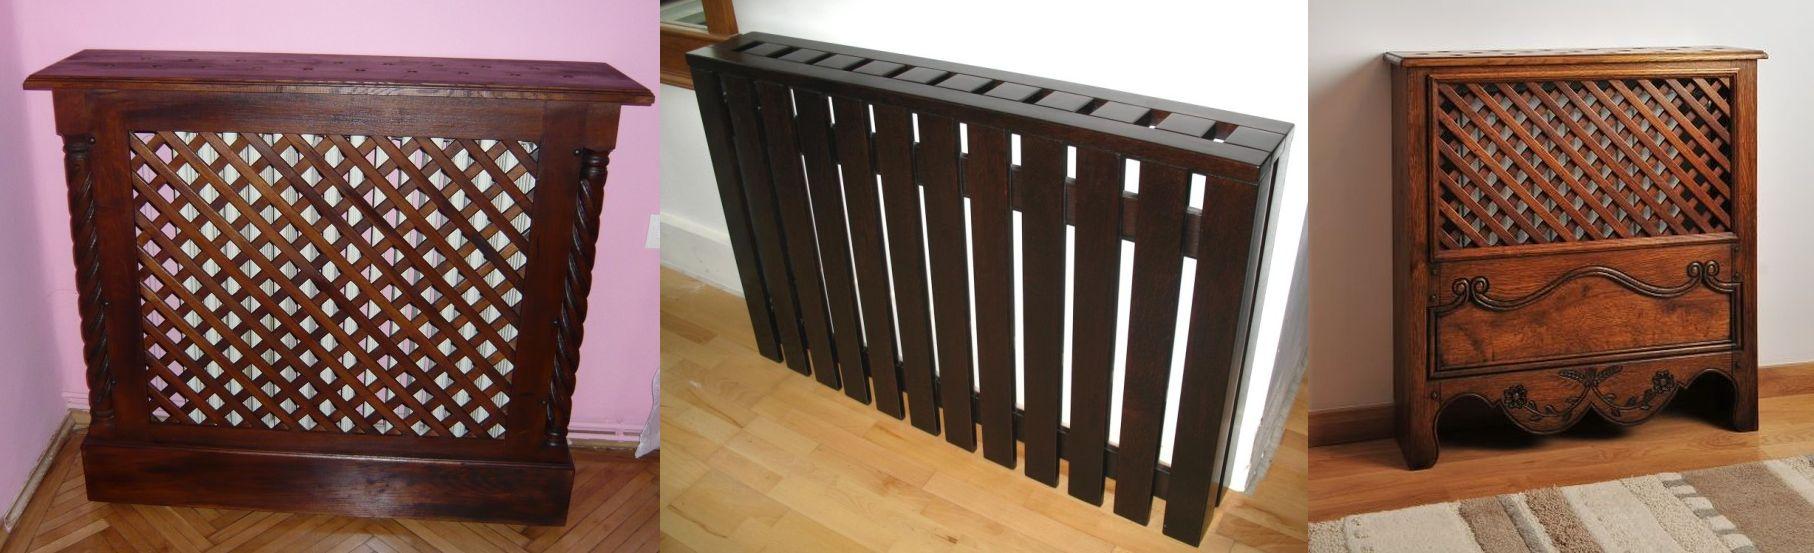 Masti pentru calorifere din lemn realizate de Apollor Romania